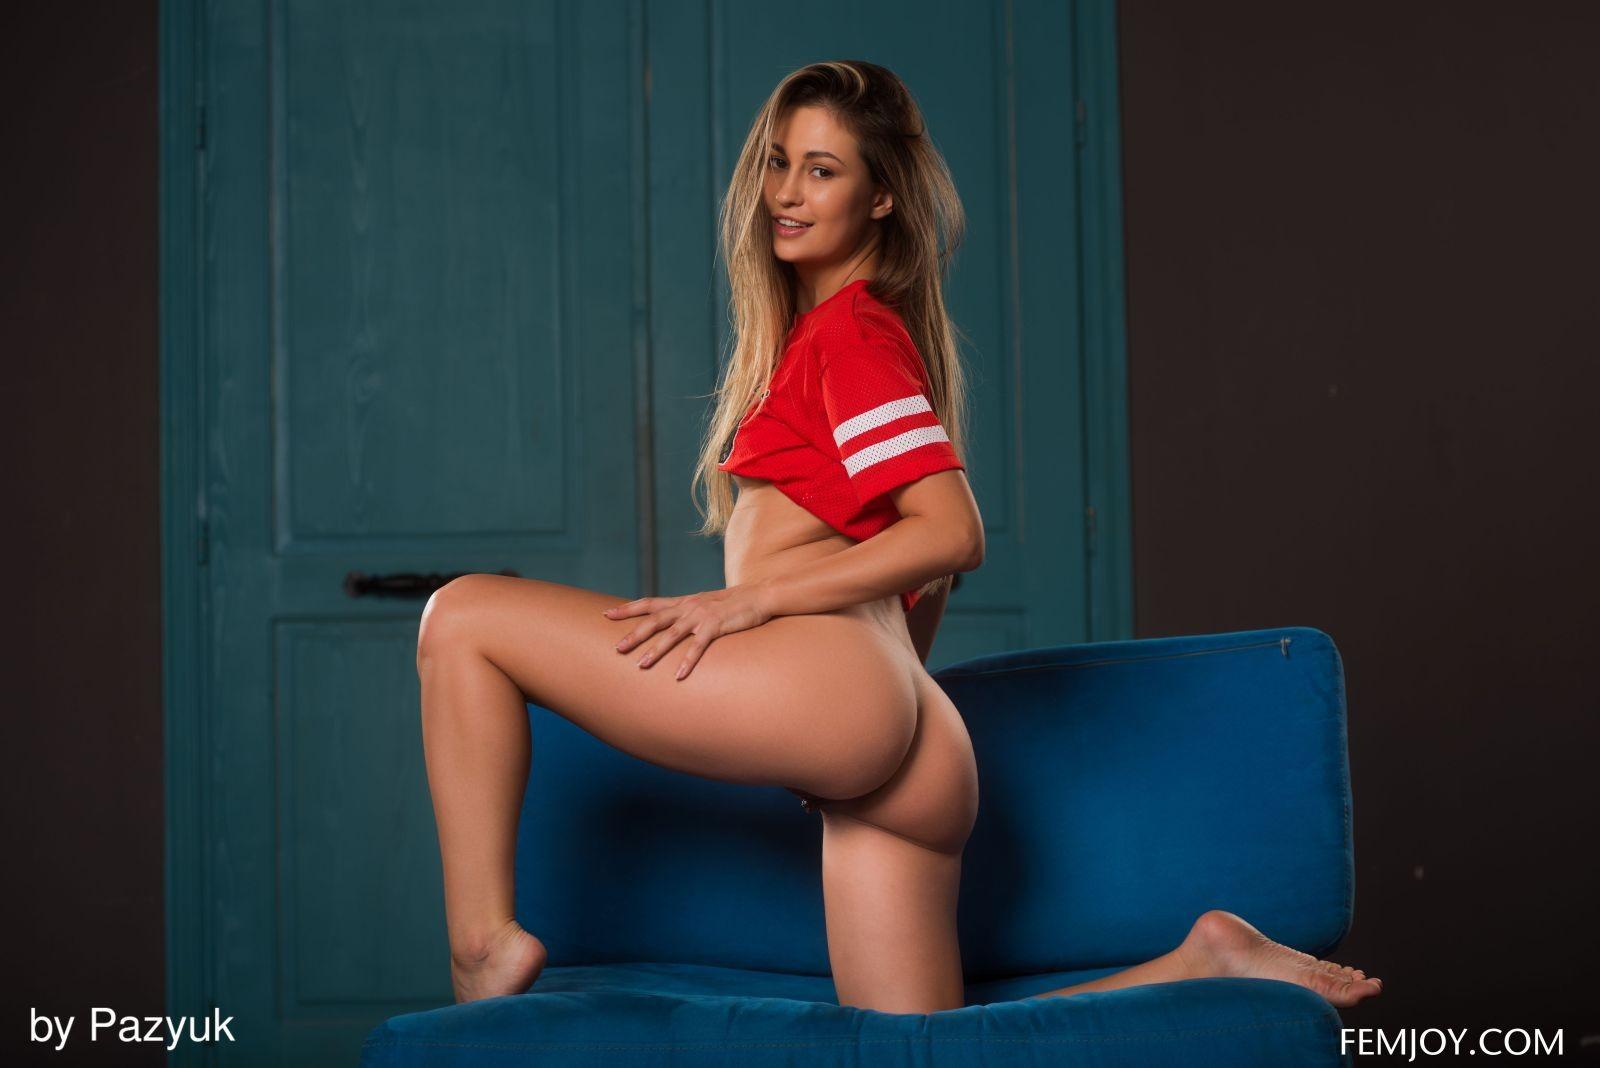 Молодая девушка с красивой задницей - фото